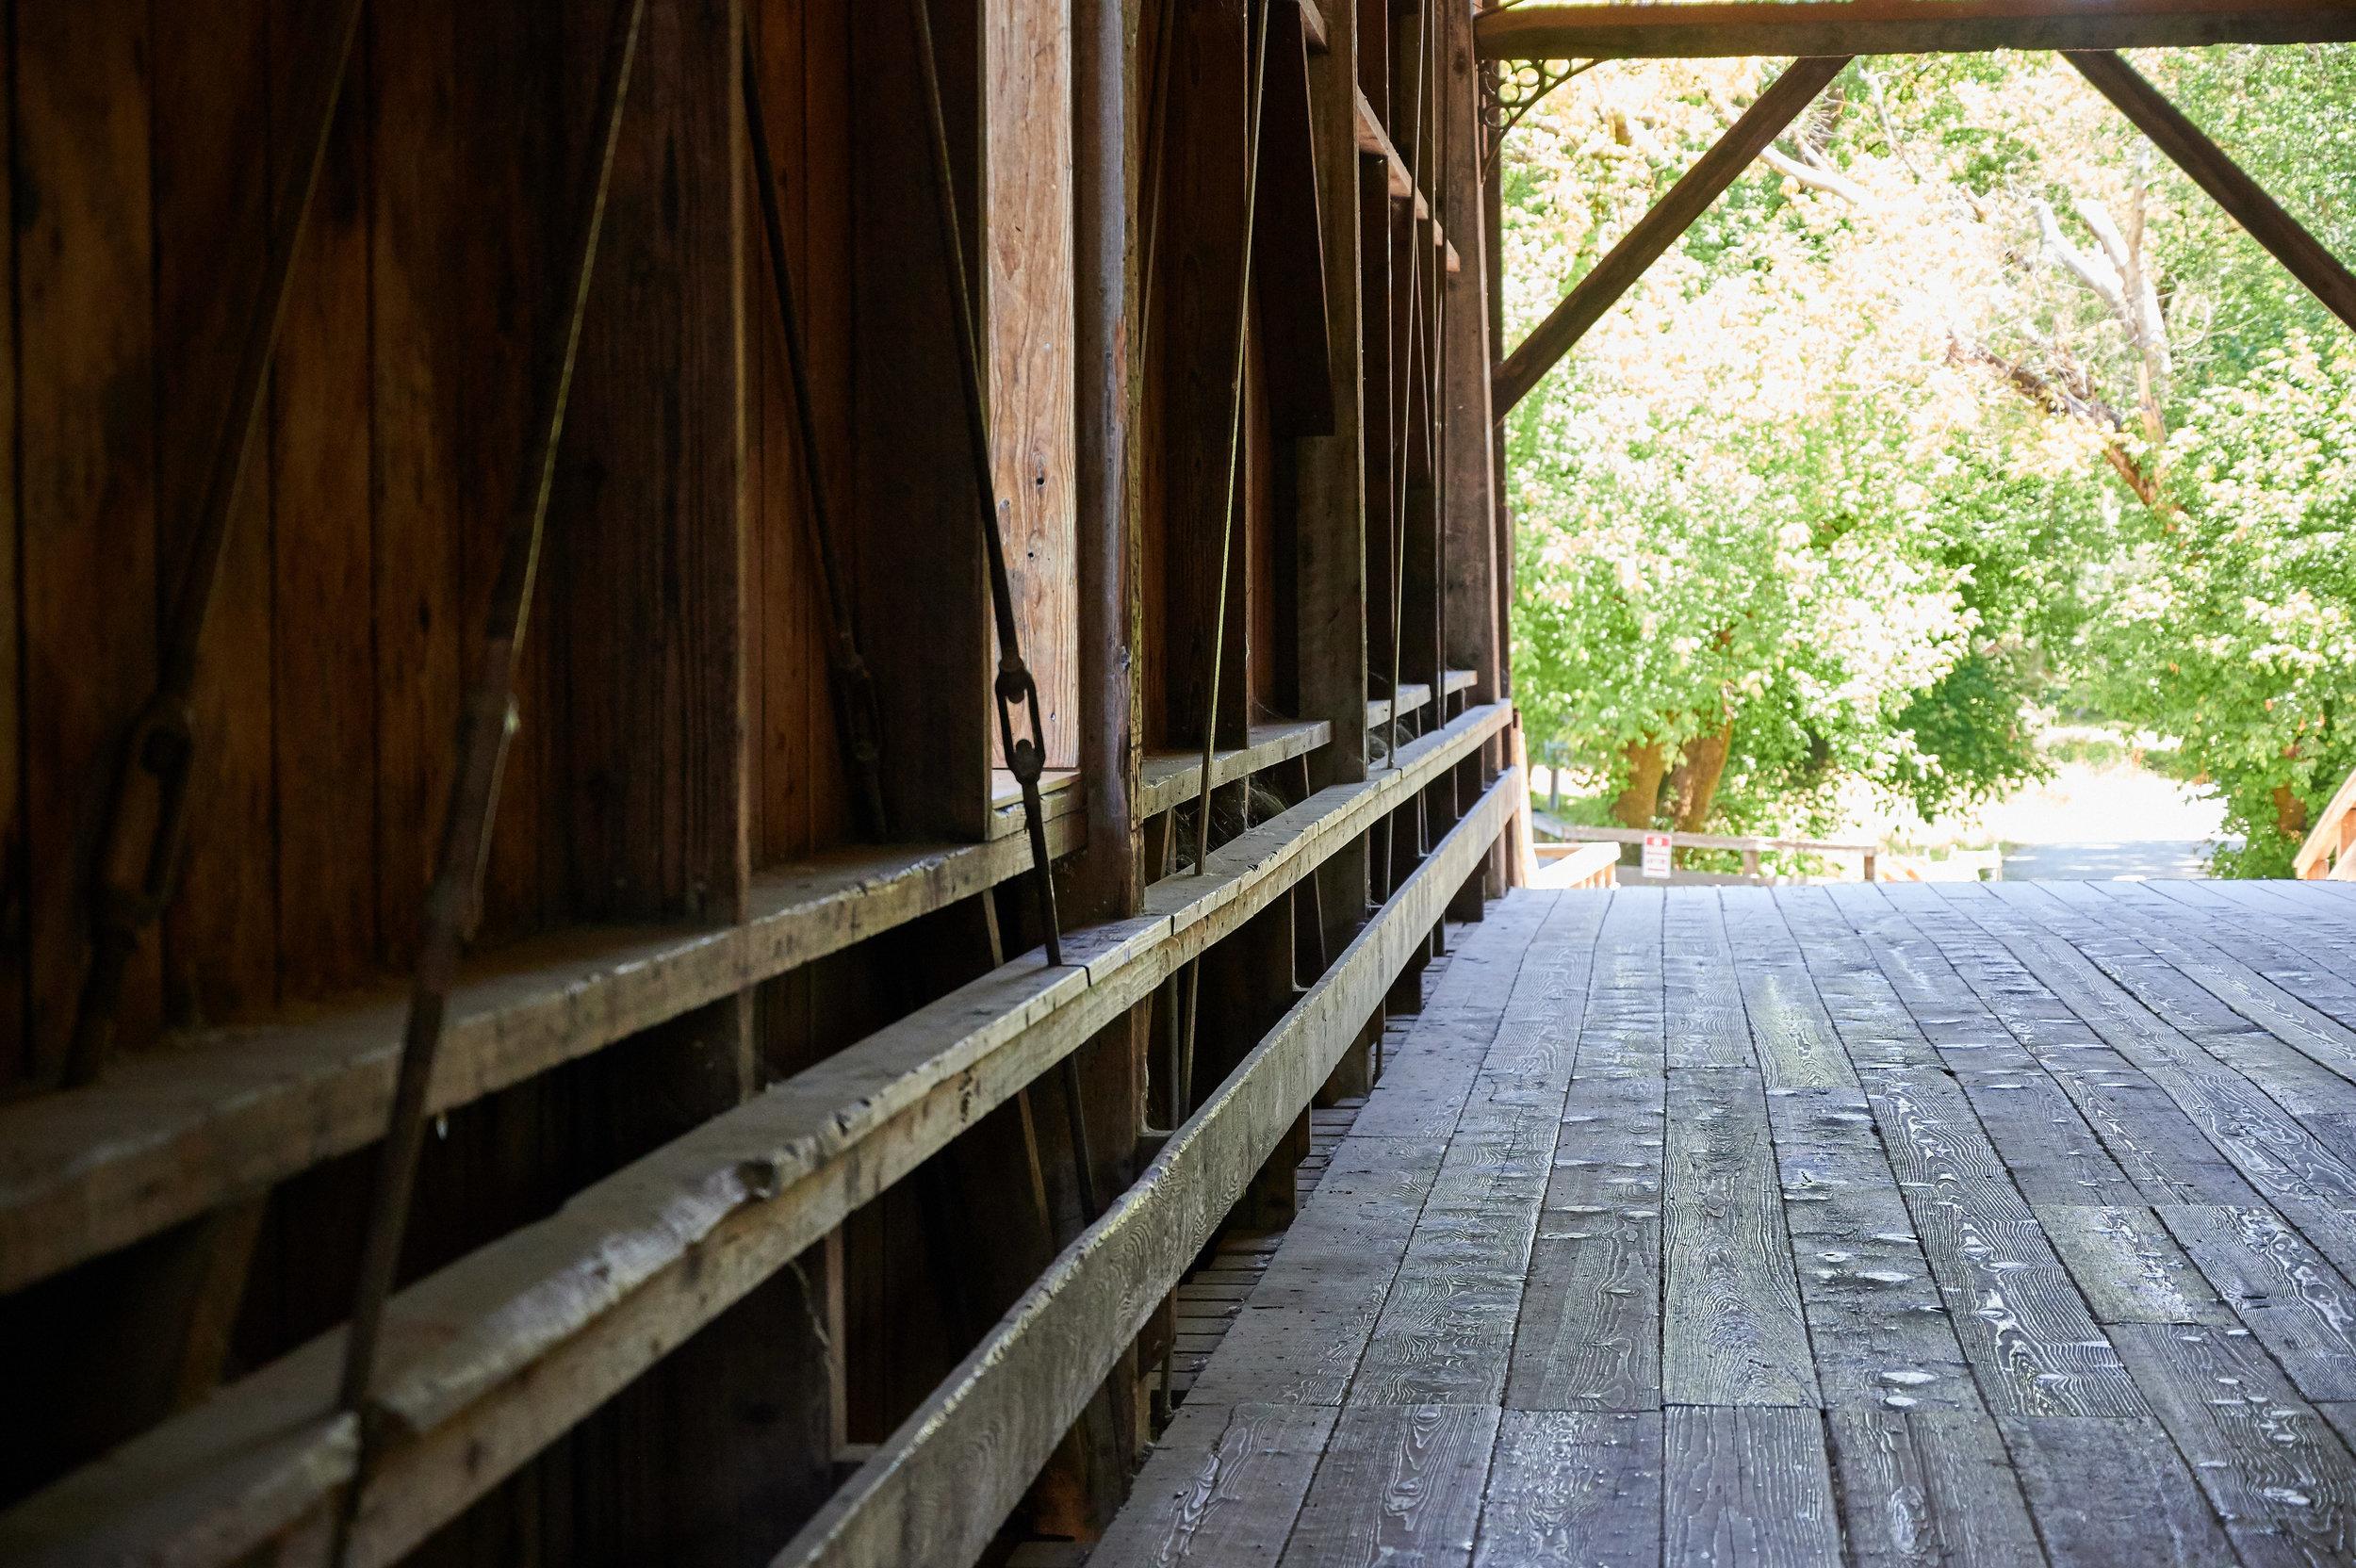 felton-guild-and-covered-bridge-2019-07-09-41.jpg